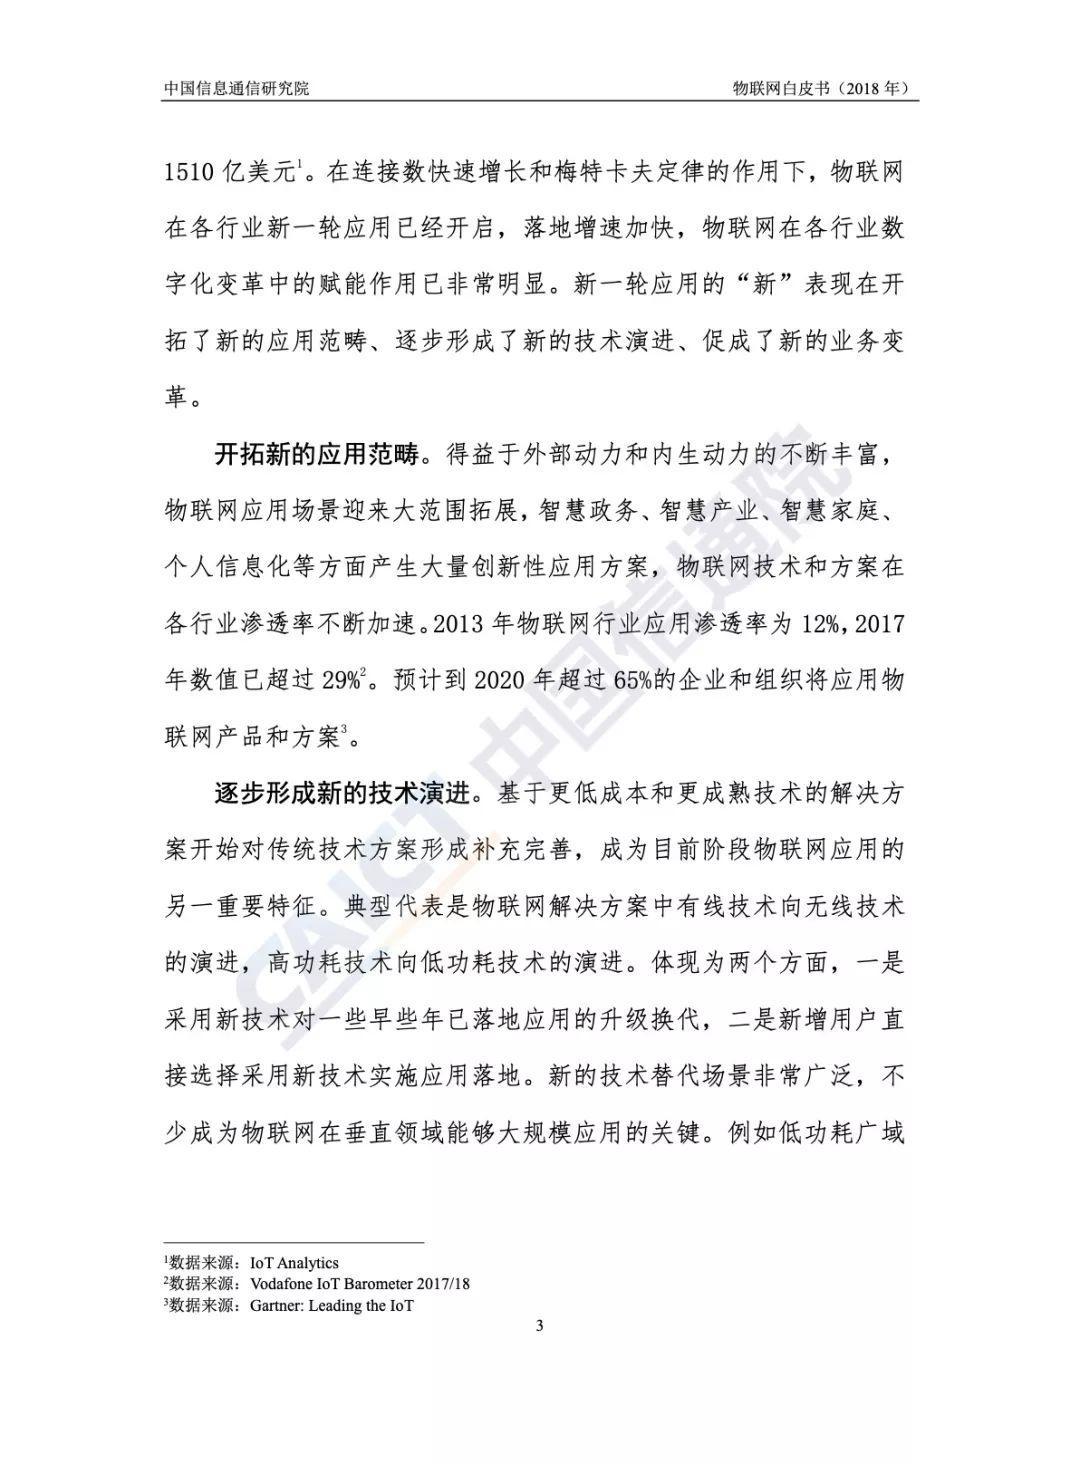 中国信通院:2018物联网白皮书(54页)